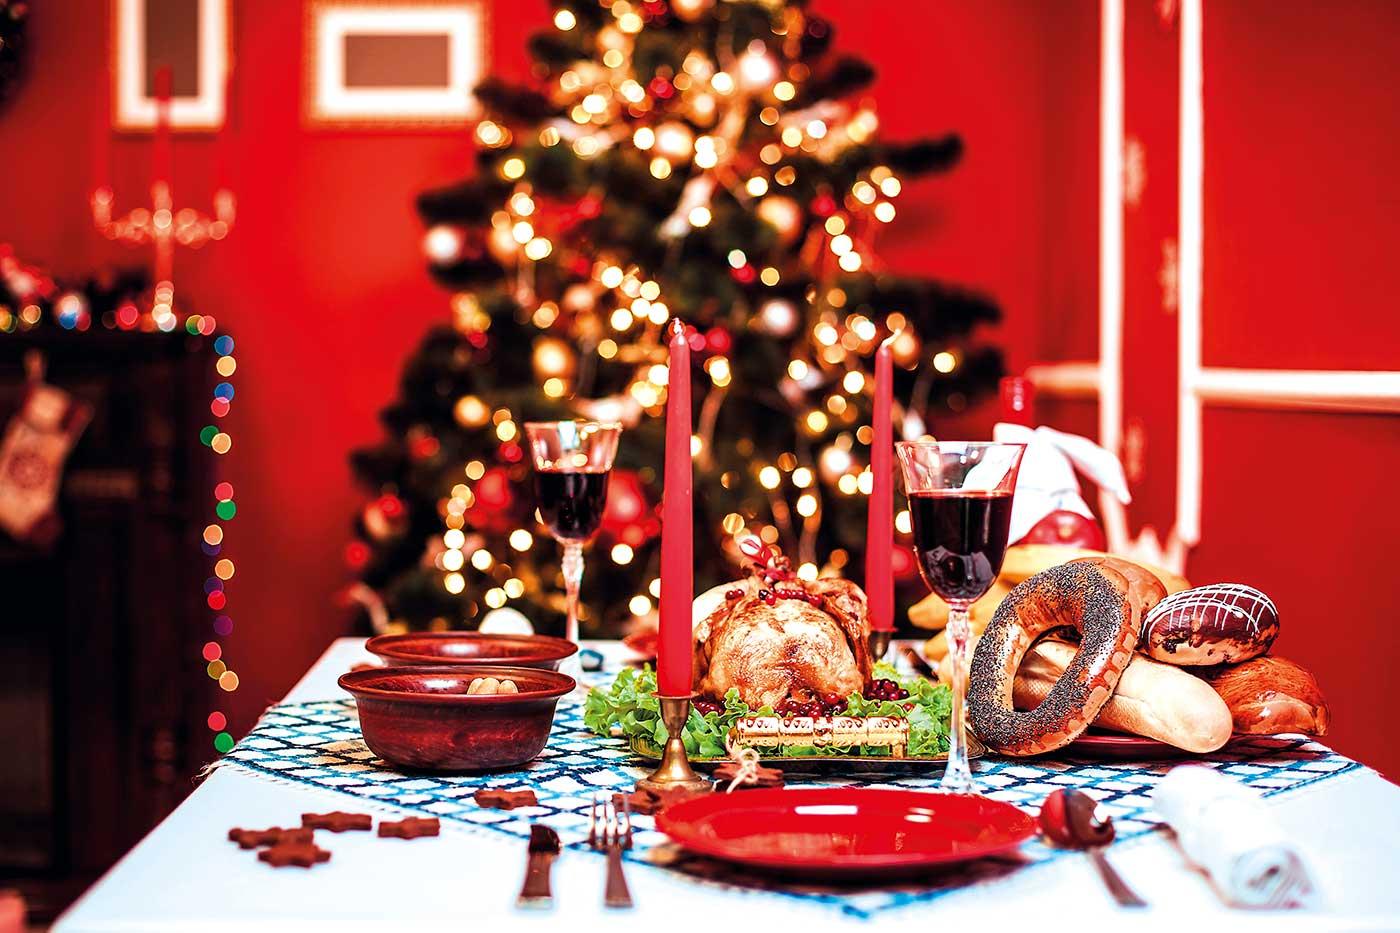 Ochutnávka vín na štědrovečerní stůl